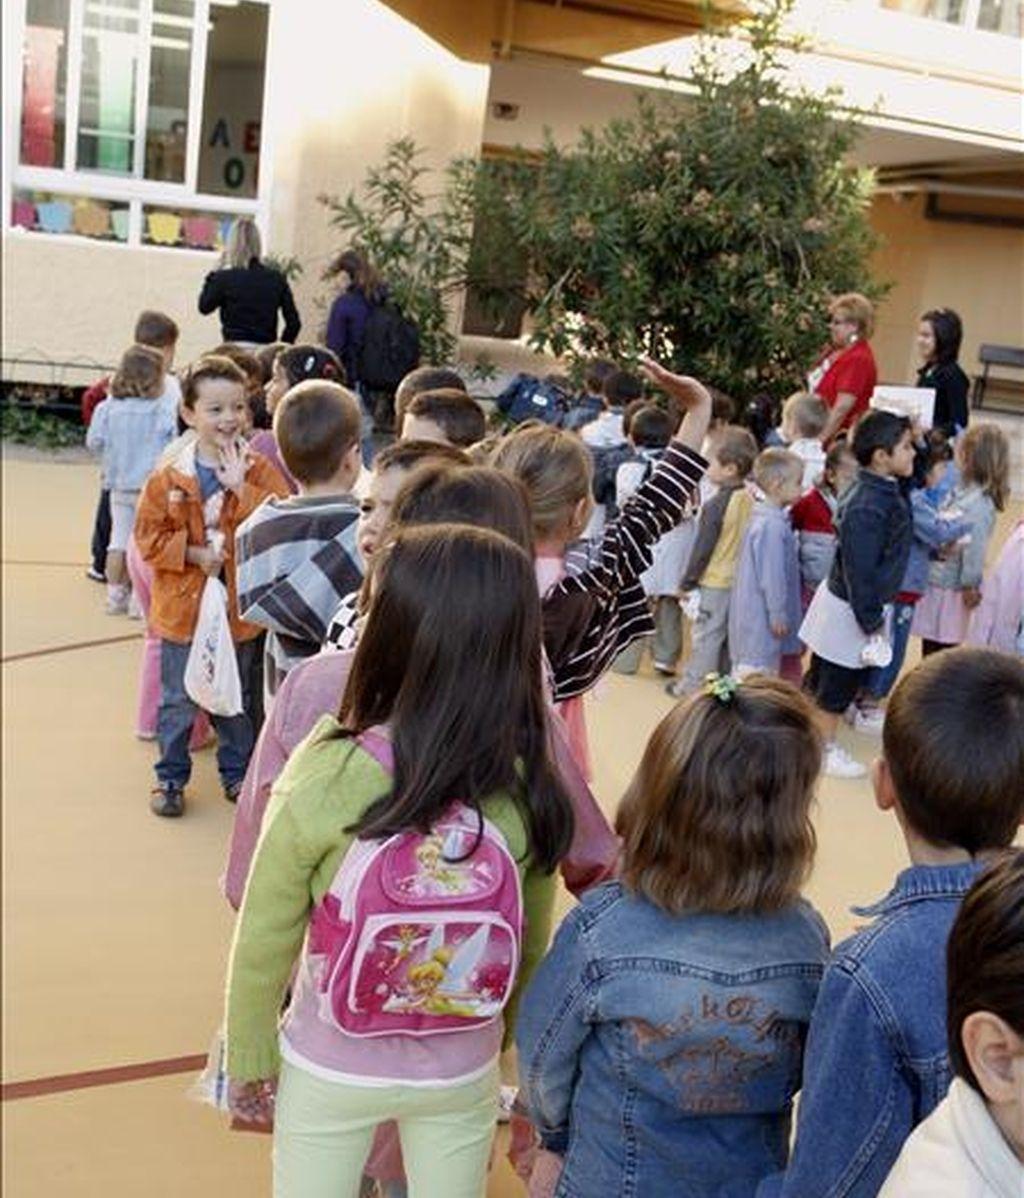 Las comunidades autónomas discrepan en cómo tratar a los centros que educan por sexos. En la imagen, varios niños en un colegio público. EFE/Archivo